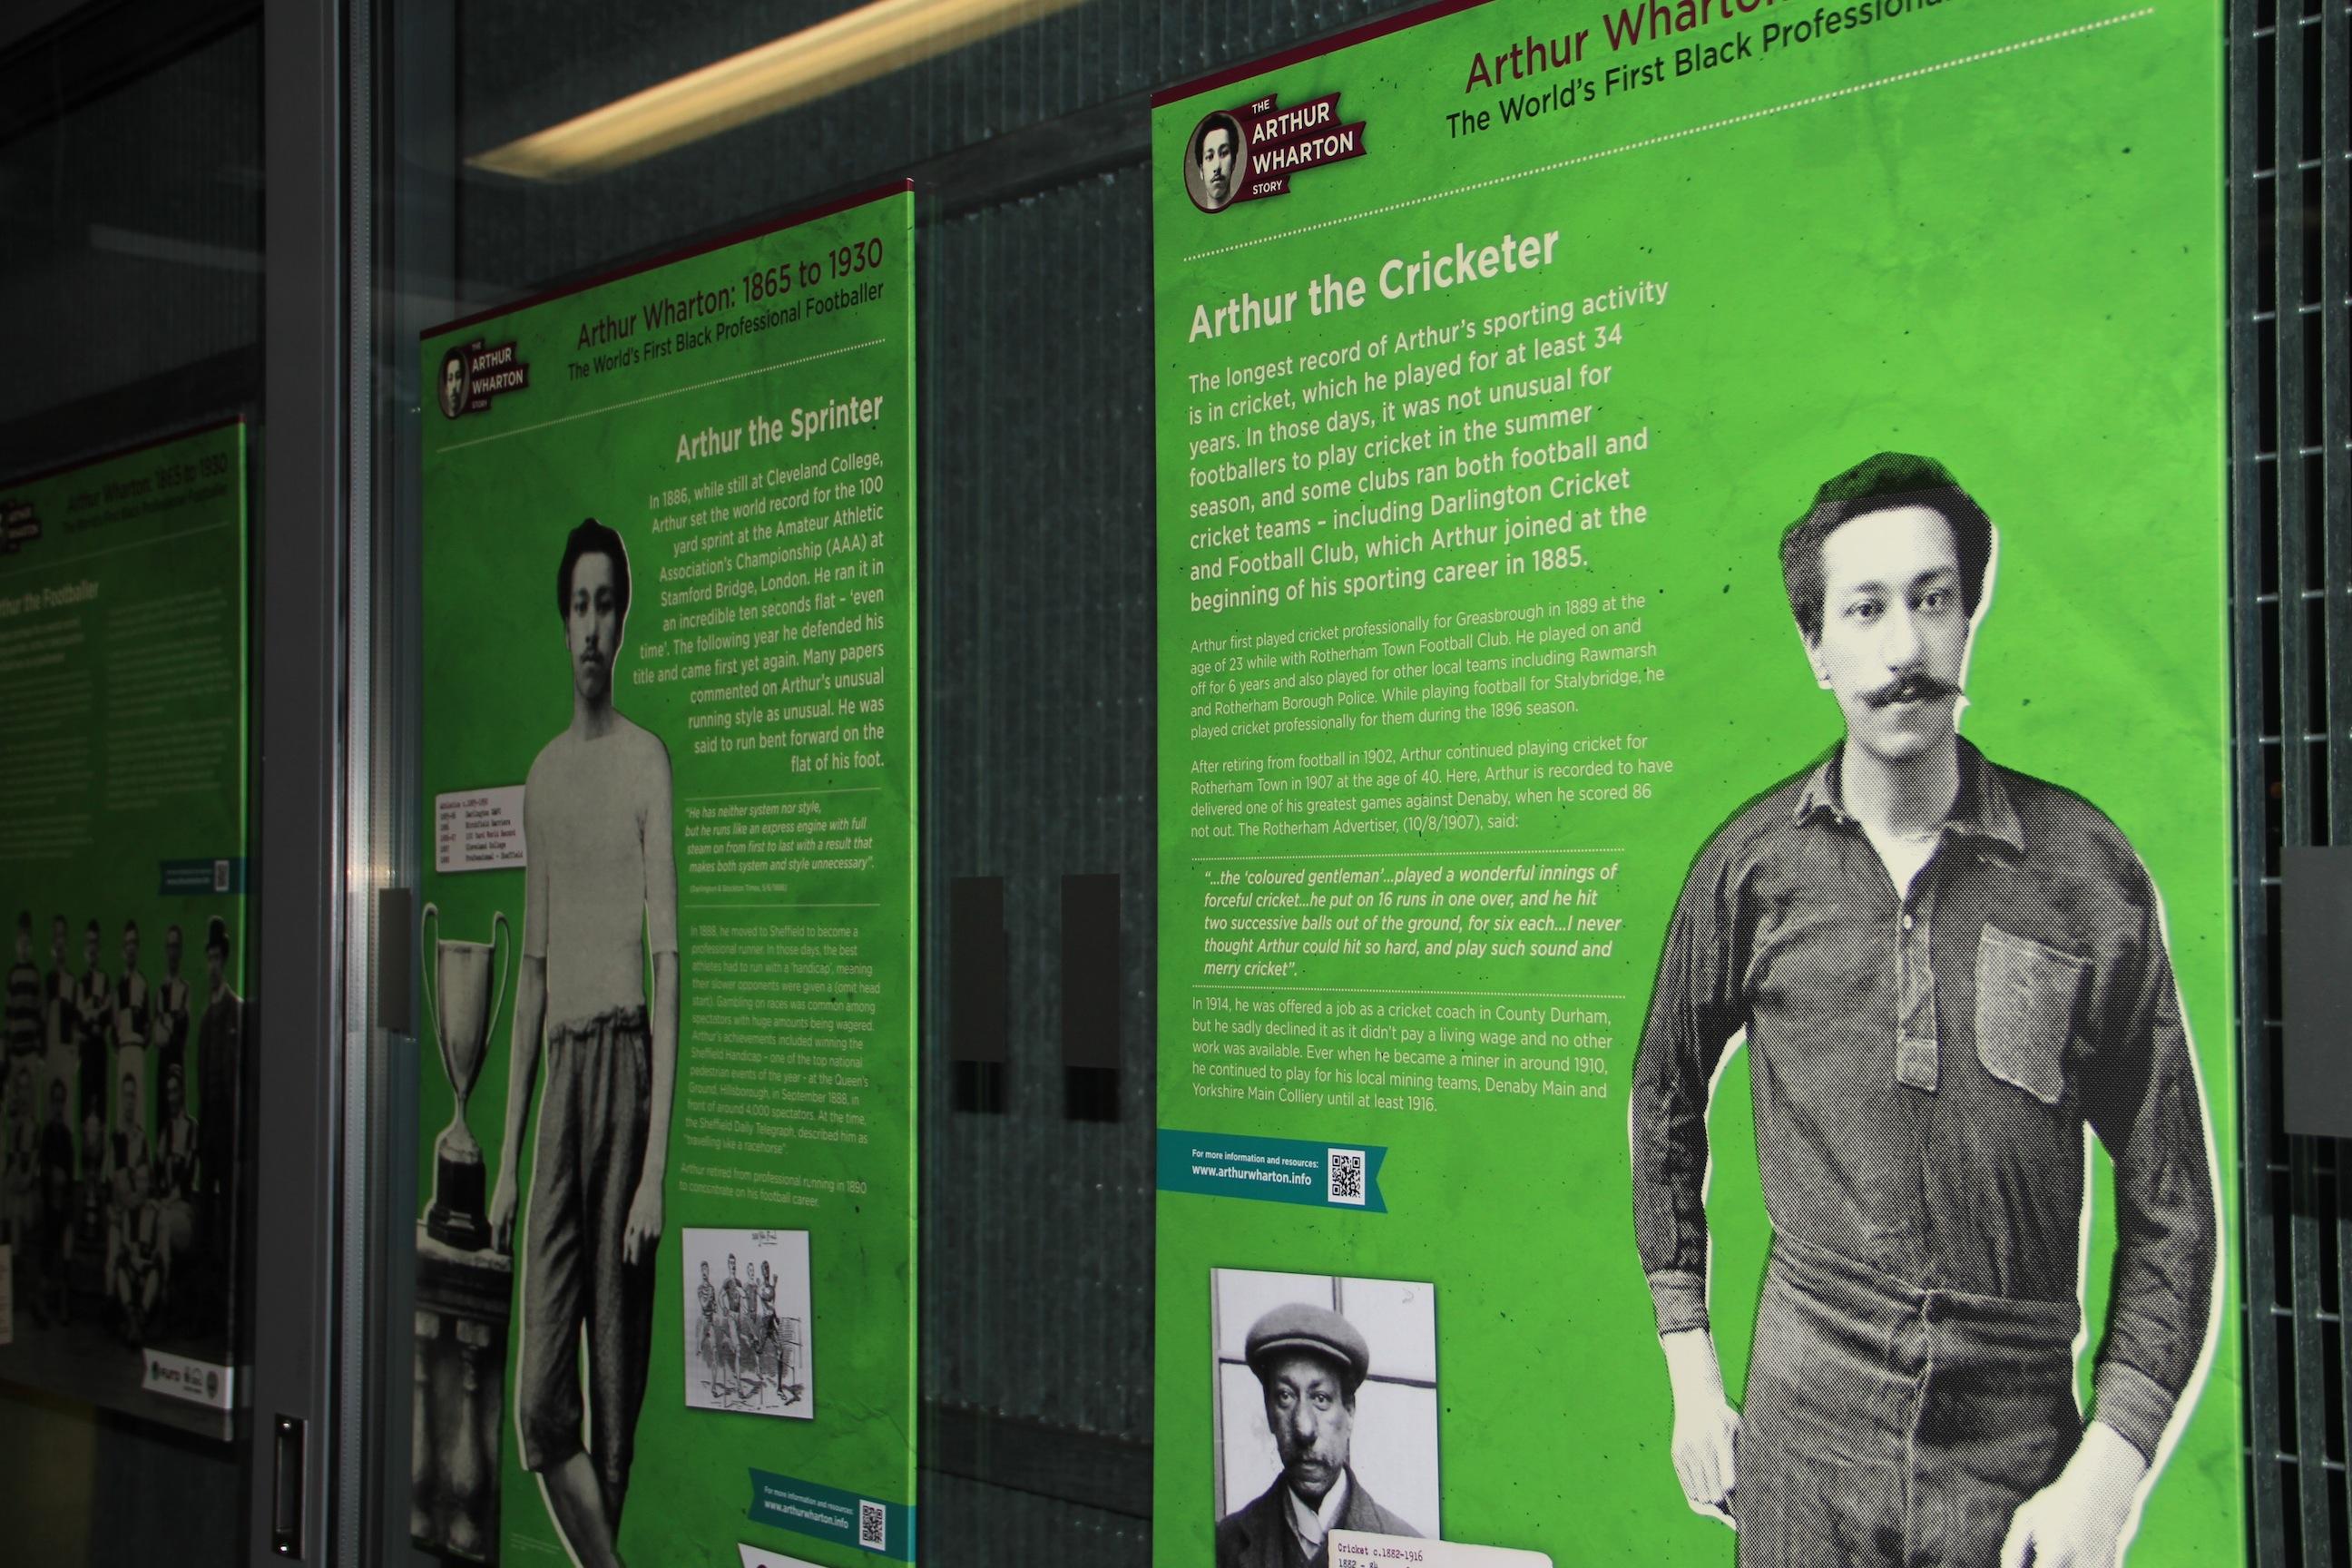 Arthur Wharton Story exhibition - Arthur Wharton Story HLF project exhibition panel